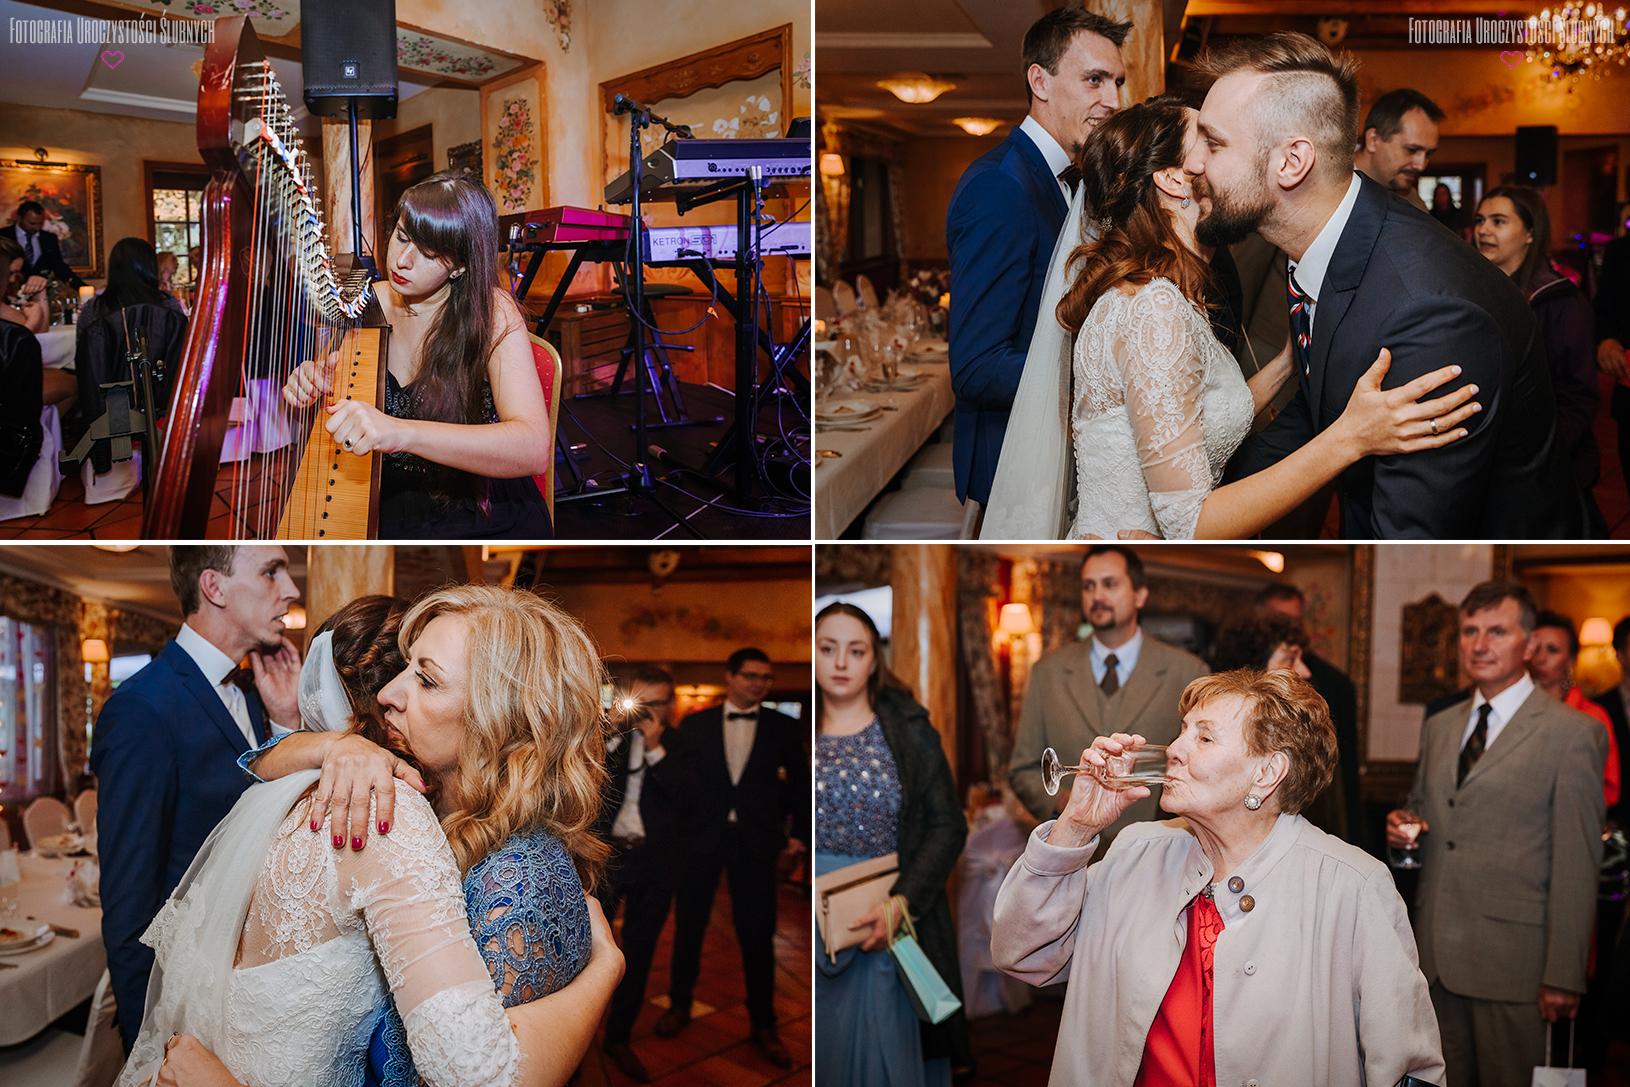 Zapraszam do obejrzenia zdjęć ślubnych Roksany i Marcina, które wykonałam podczas reportażu ślubnego we Wrocławiu. reportaż ślubny z Wrocławia width=